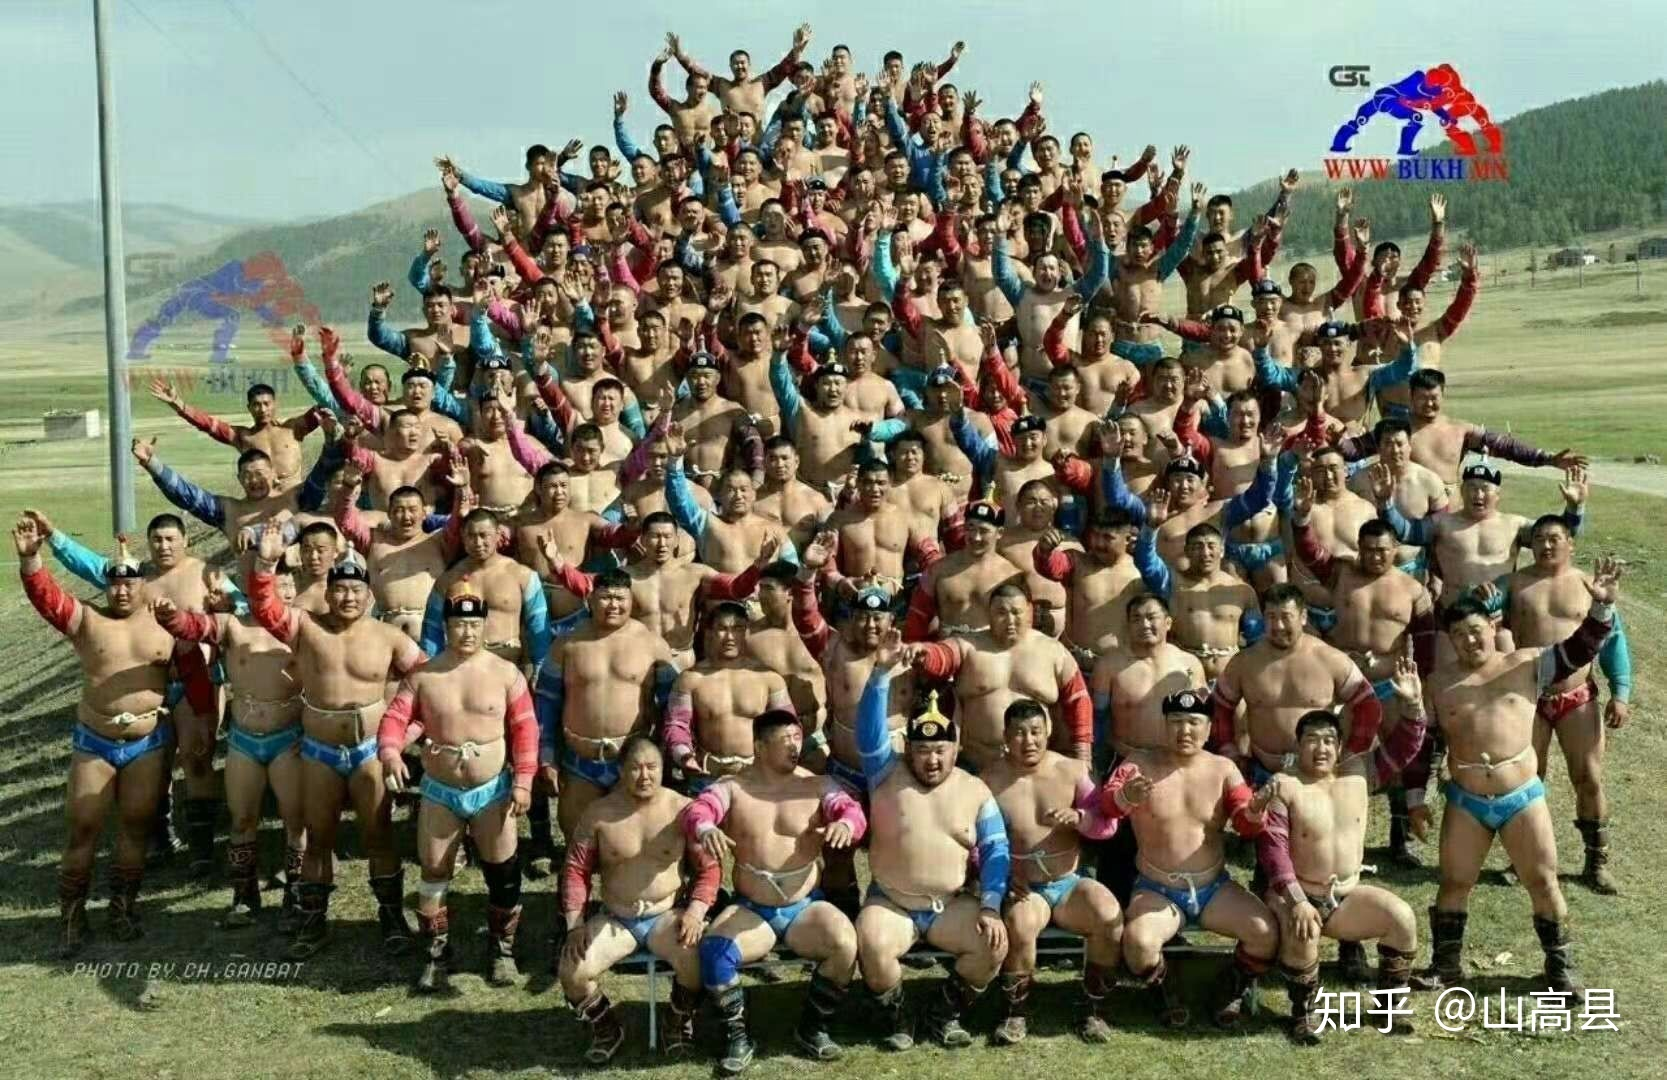 蒙古人的祖先_唐代人讲究以胖为美,那么这个所谓的胖是真的胖呢还是比较 ...